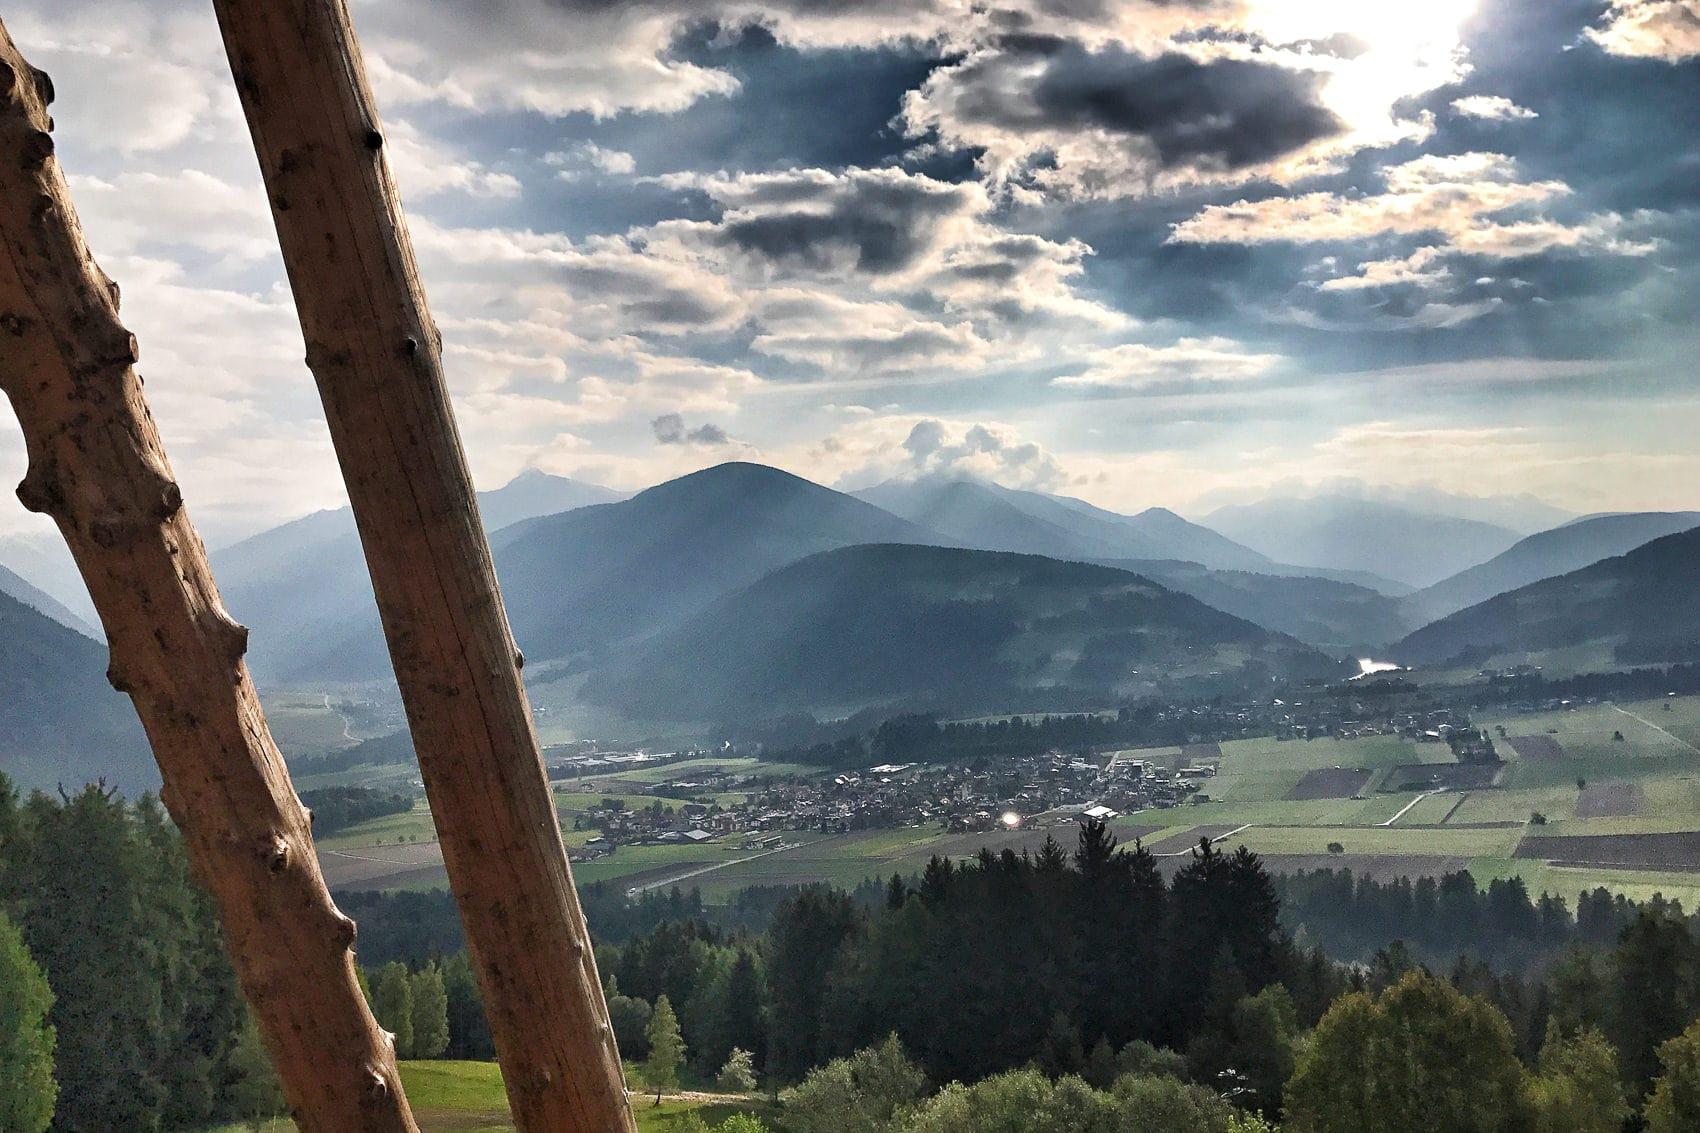 Ferien am Kronplatz in Südtirol: Meine 5 Urlaubs-Tipps im Sommer